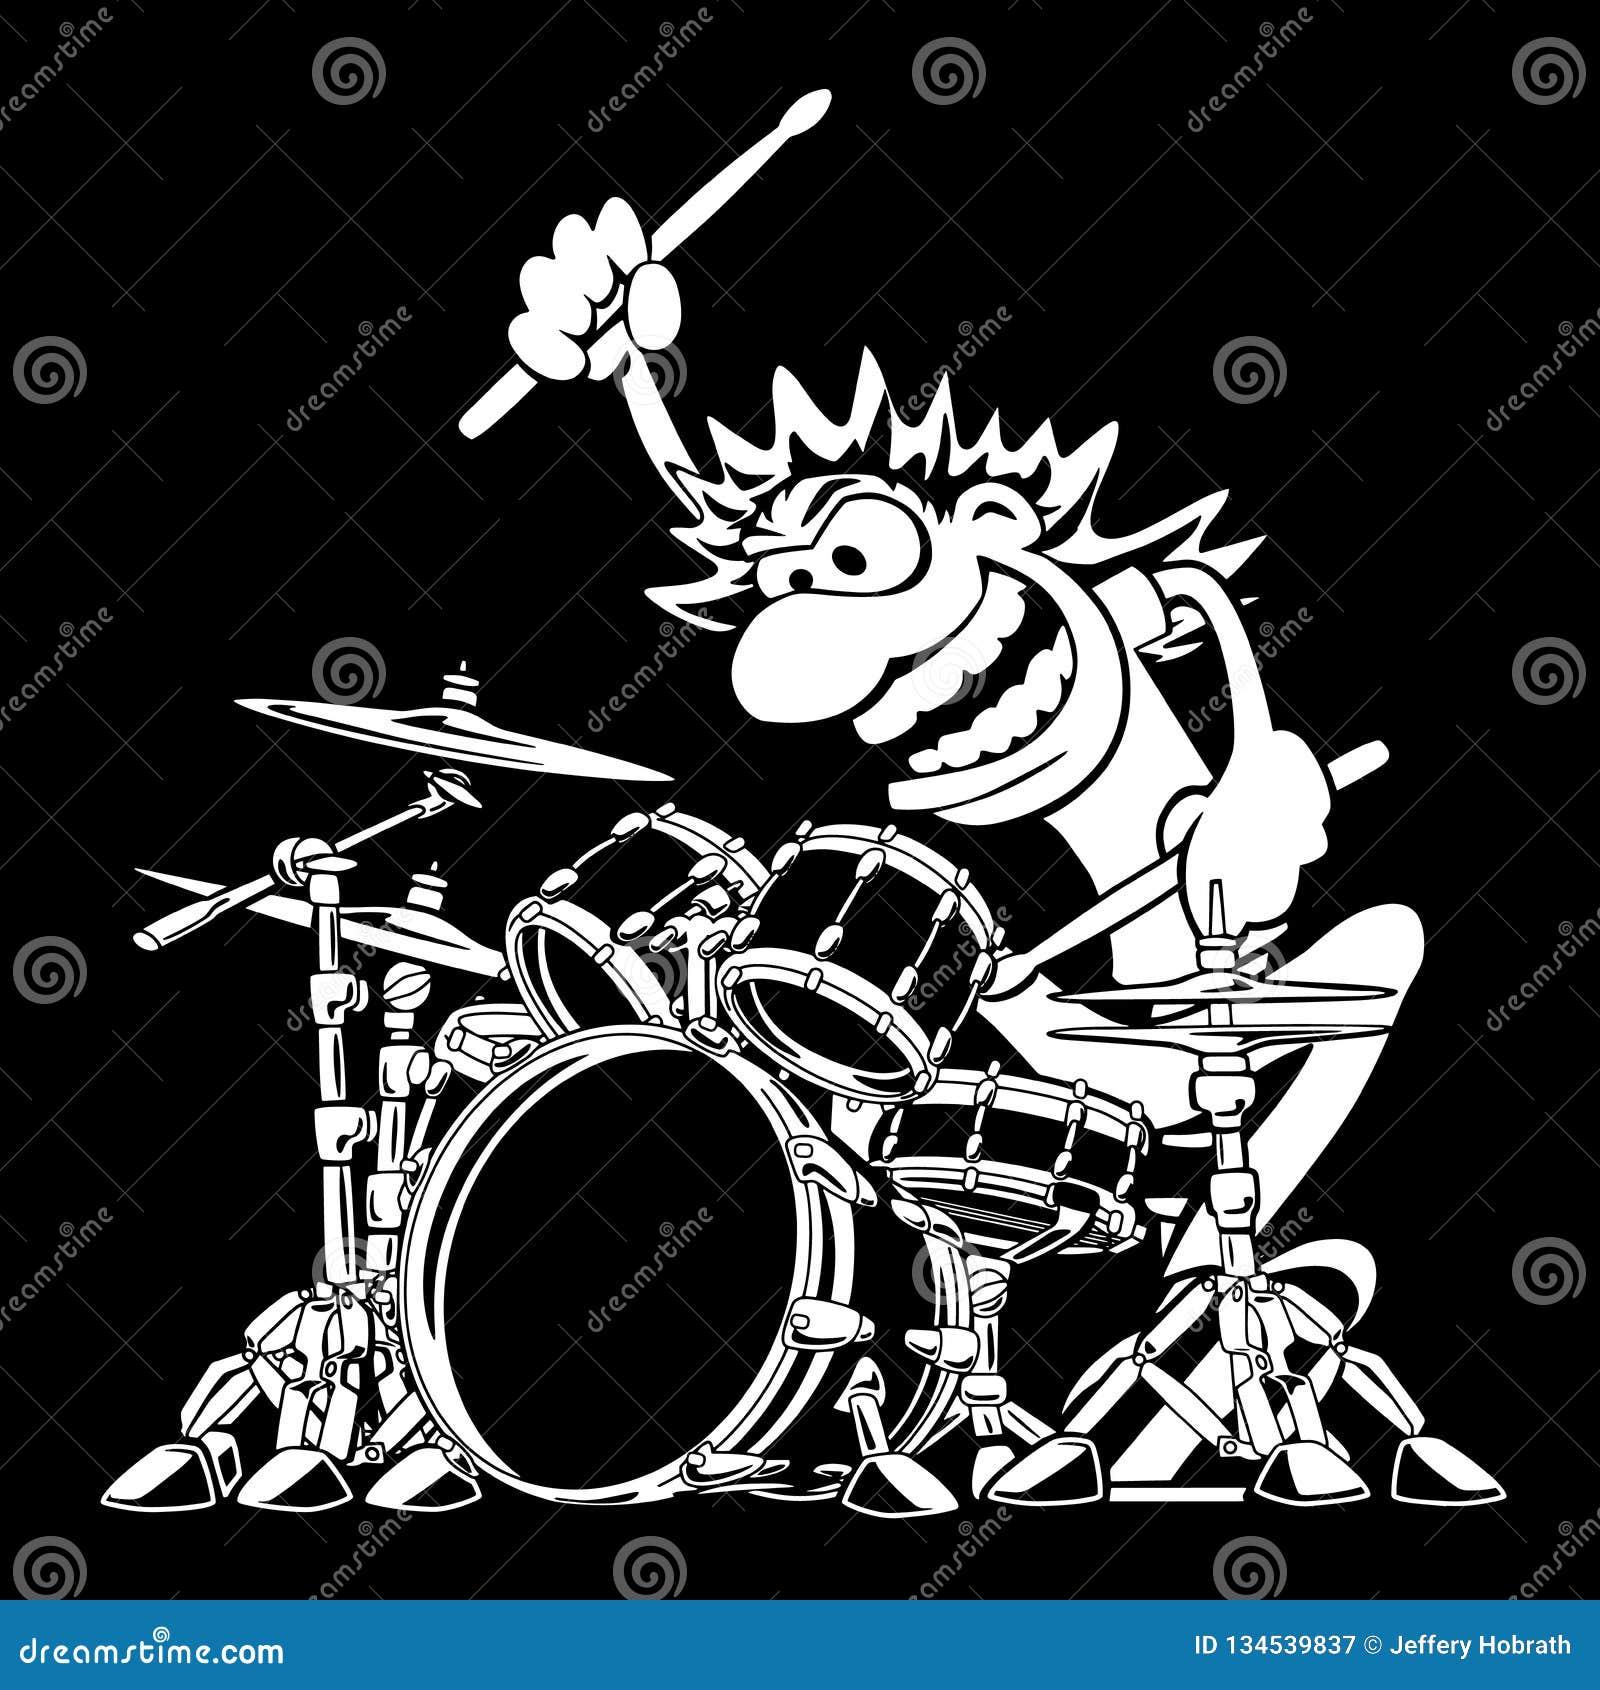 Illustrazione selvaggia di vettore del fumetto di Playing Drum Set del batterista